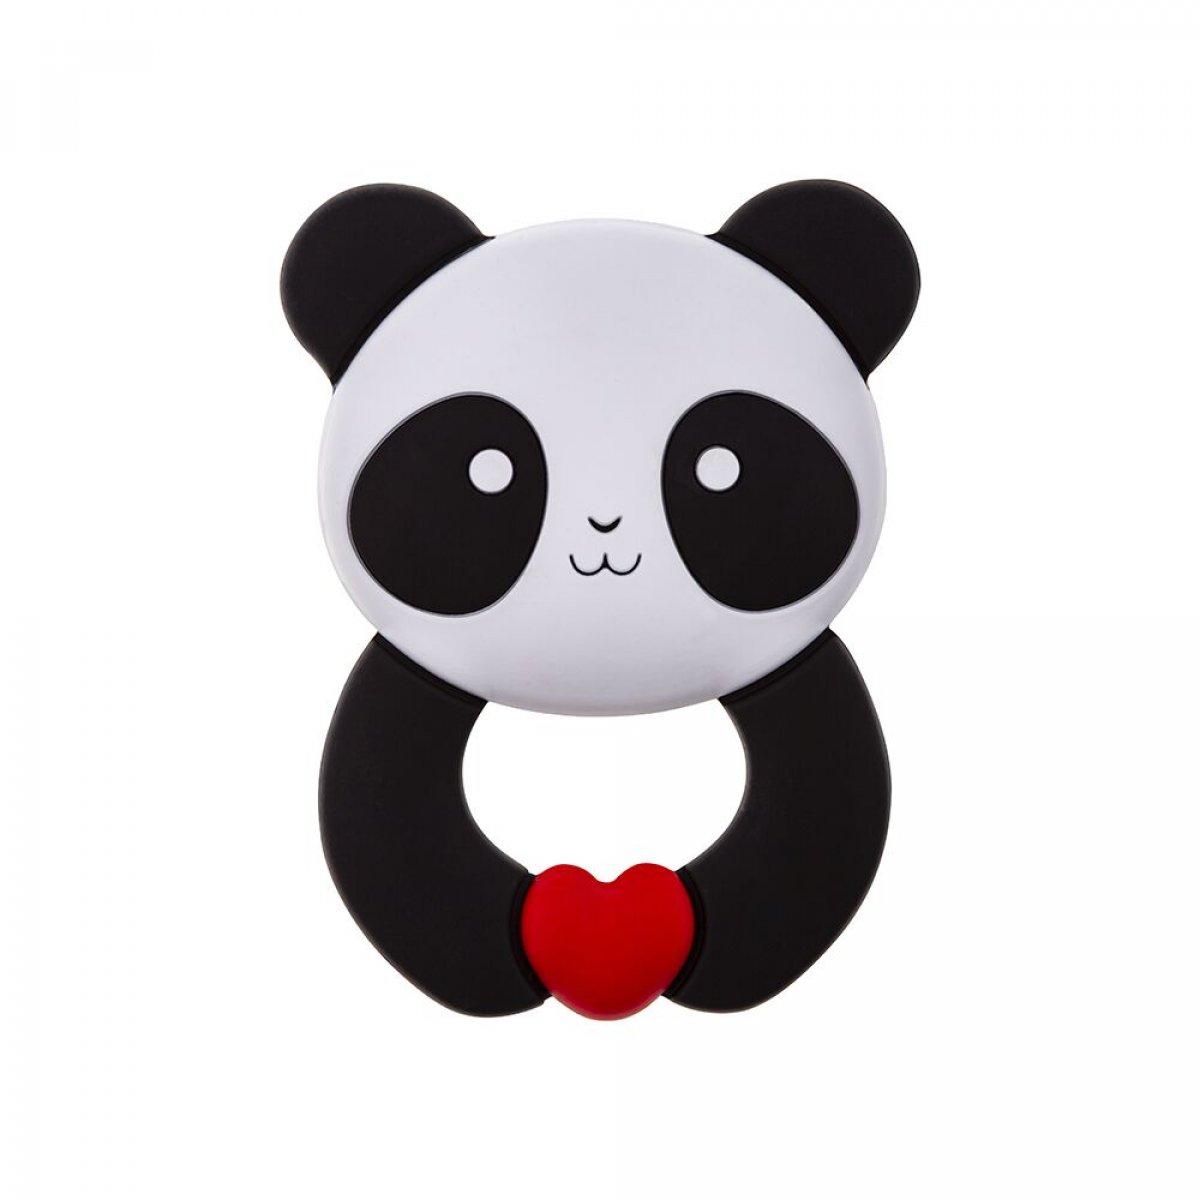 Silikonové kousátko Panda - přívěsek.